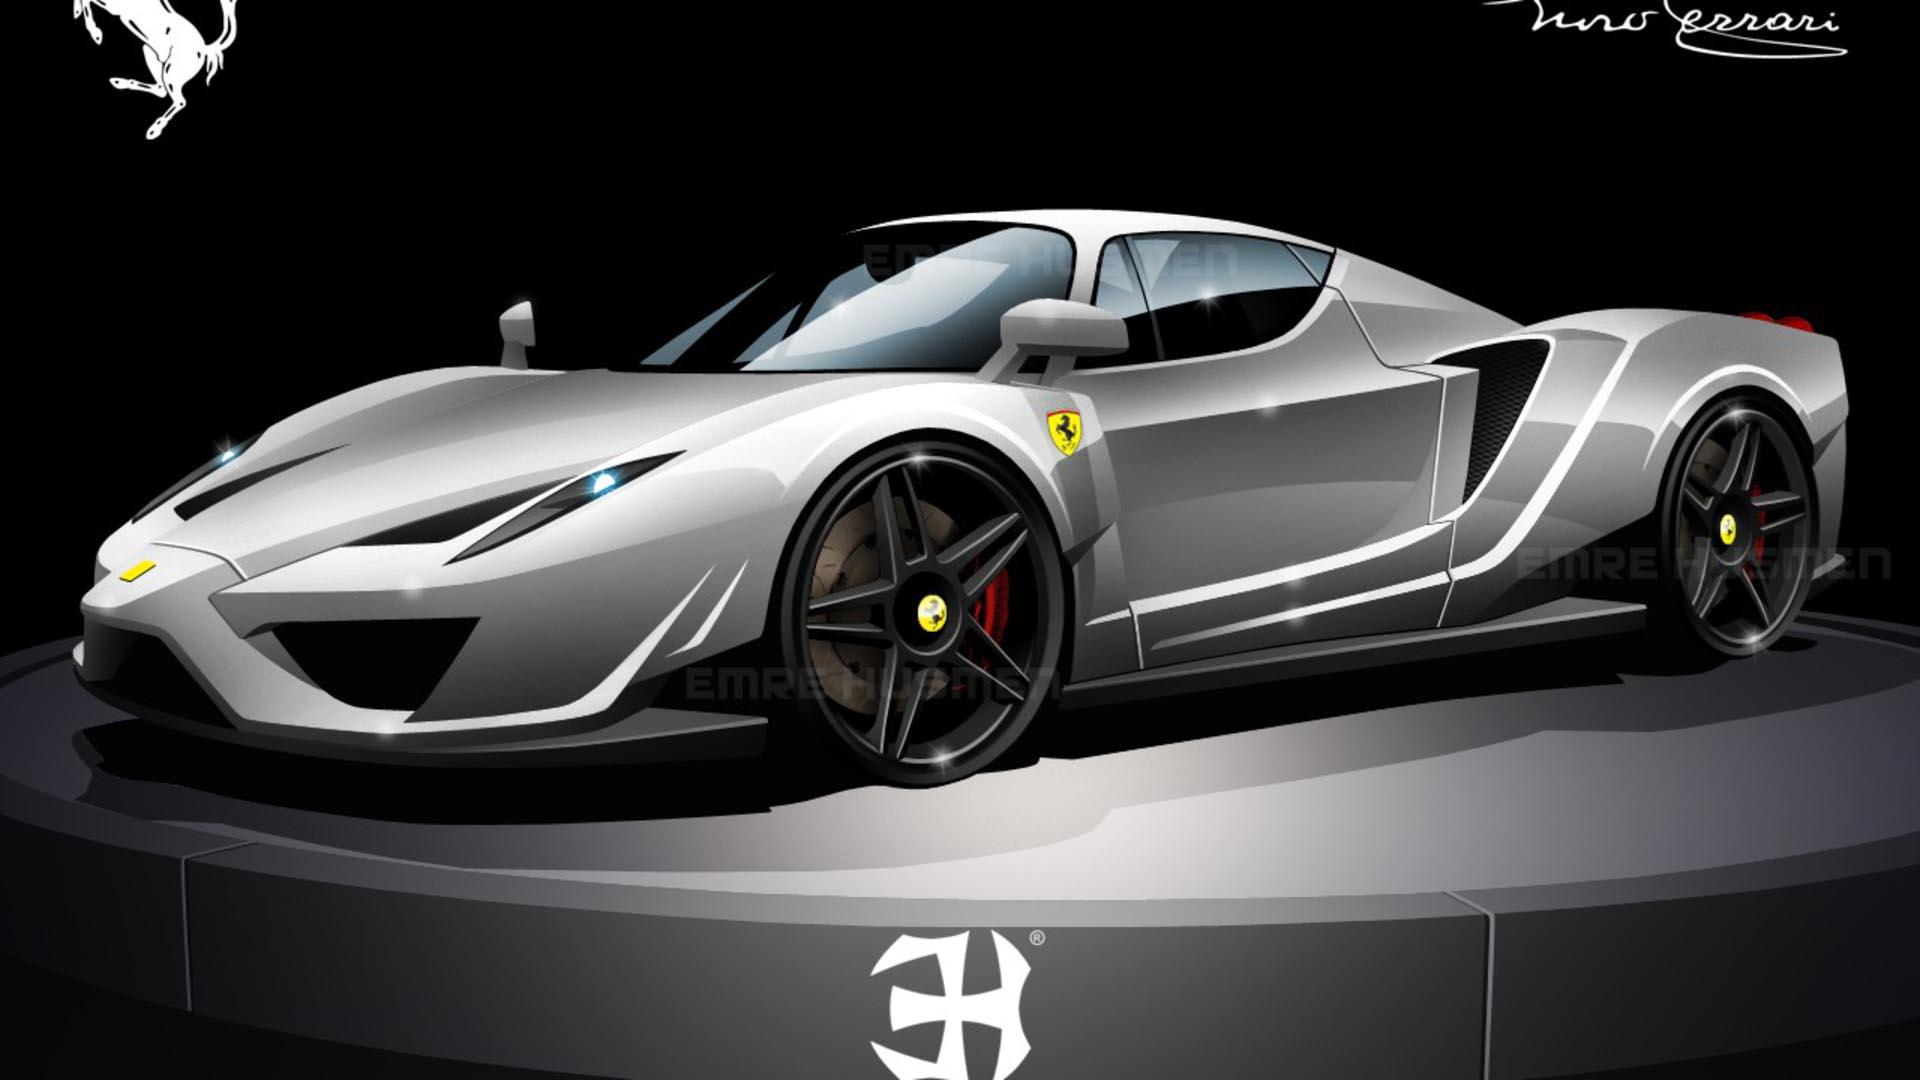 Best Top 20 Ferrari Wallpaper Gallery   Original Preview   PIC 5532 1920x1080